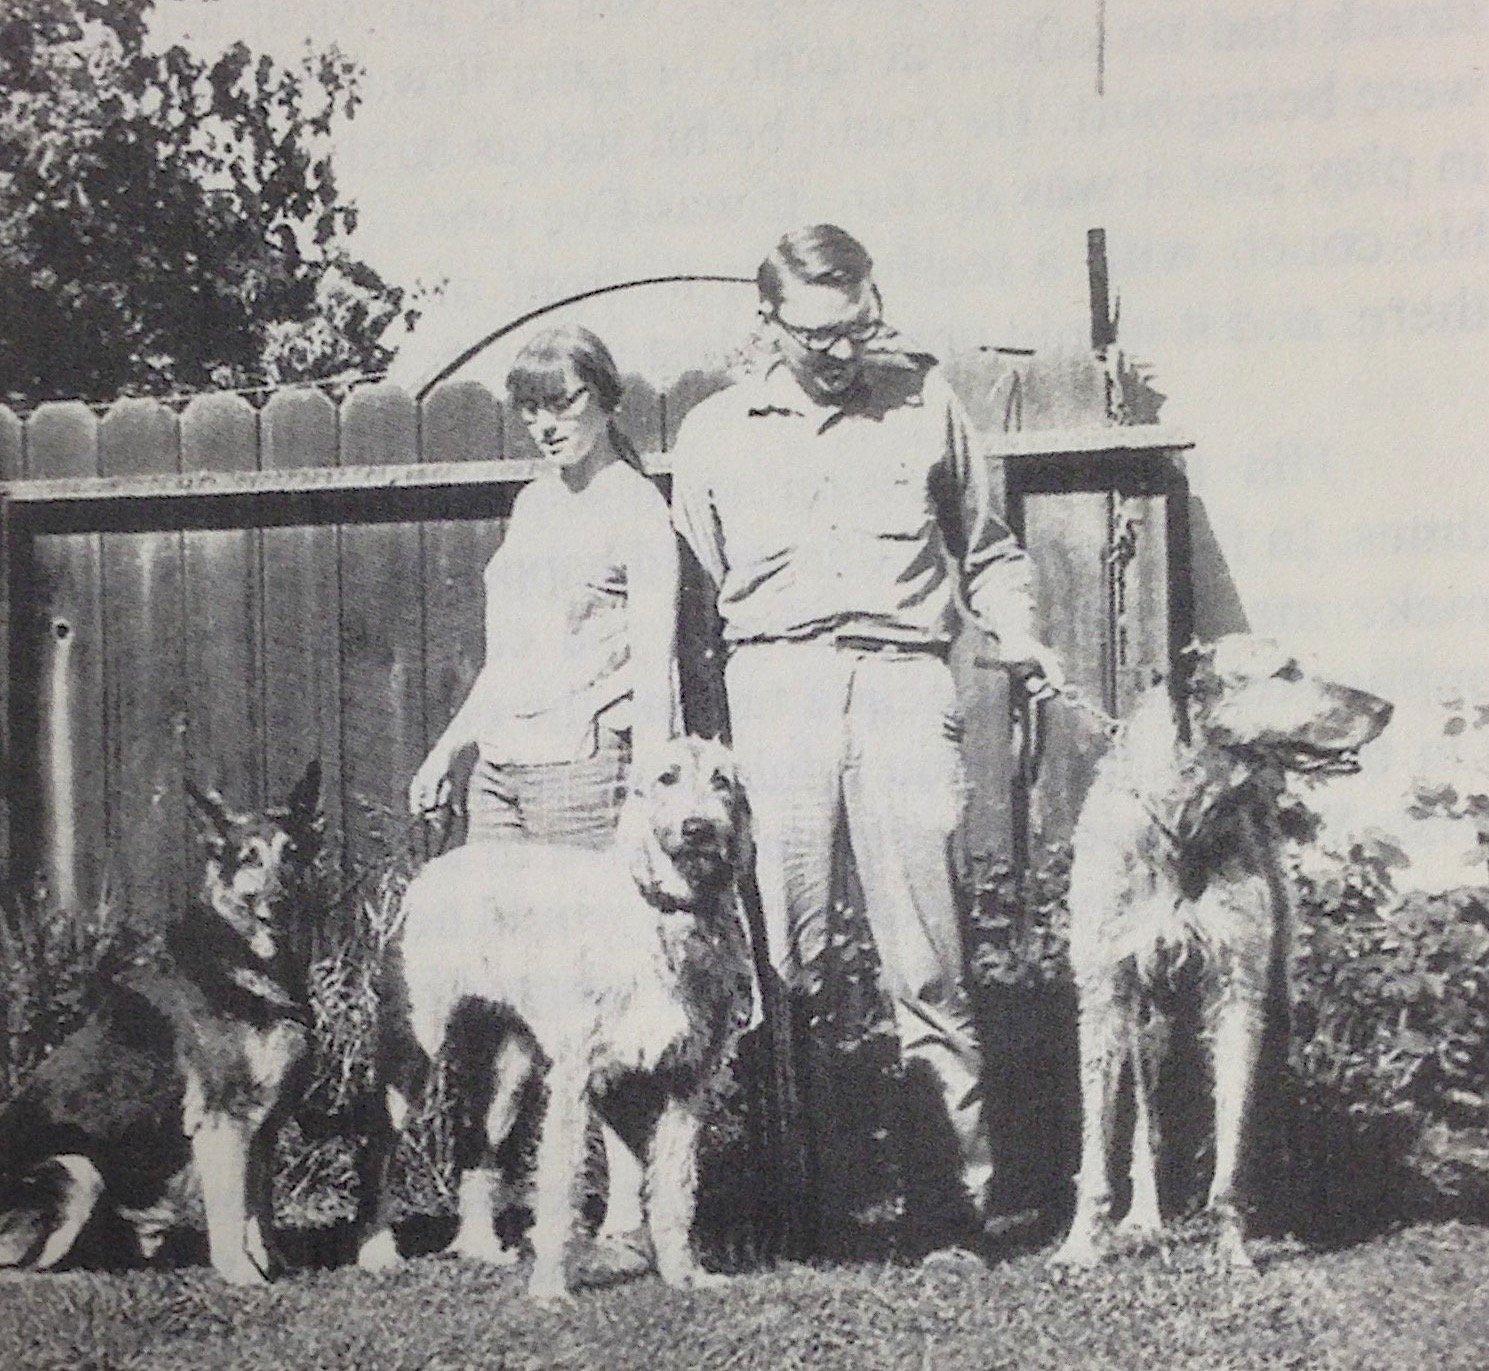 Гровер Крантц и его пес. История одной фотографии животные,интересное,интересные люди,интересные факты,история,увлечения,фотография,шок